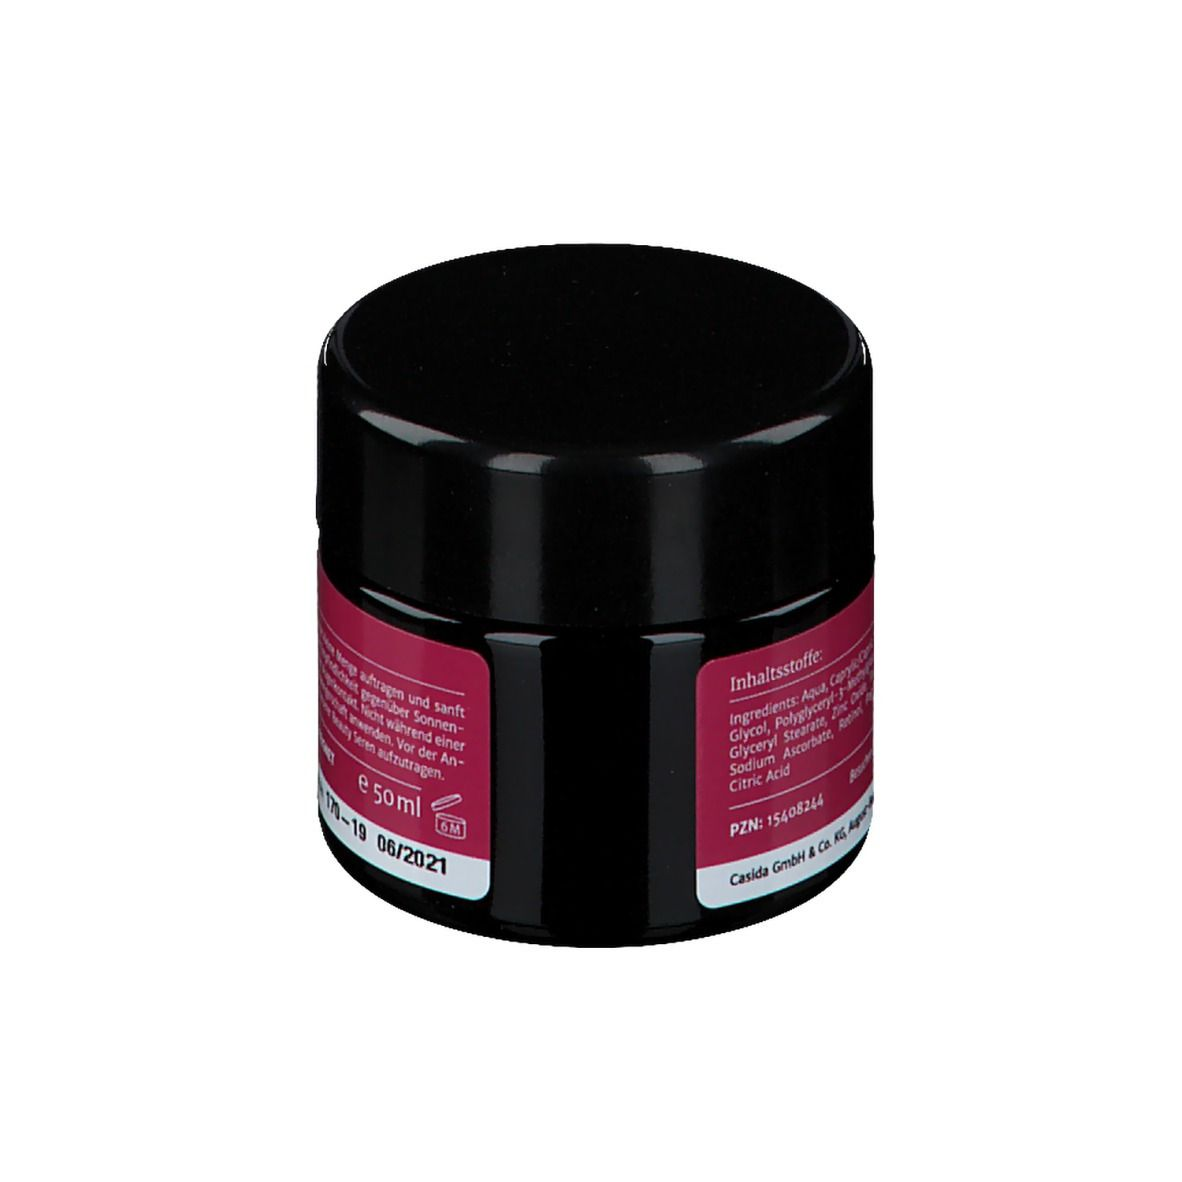 Casida Retinol Creme mit Hyaluron